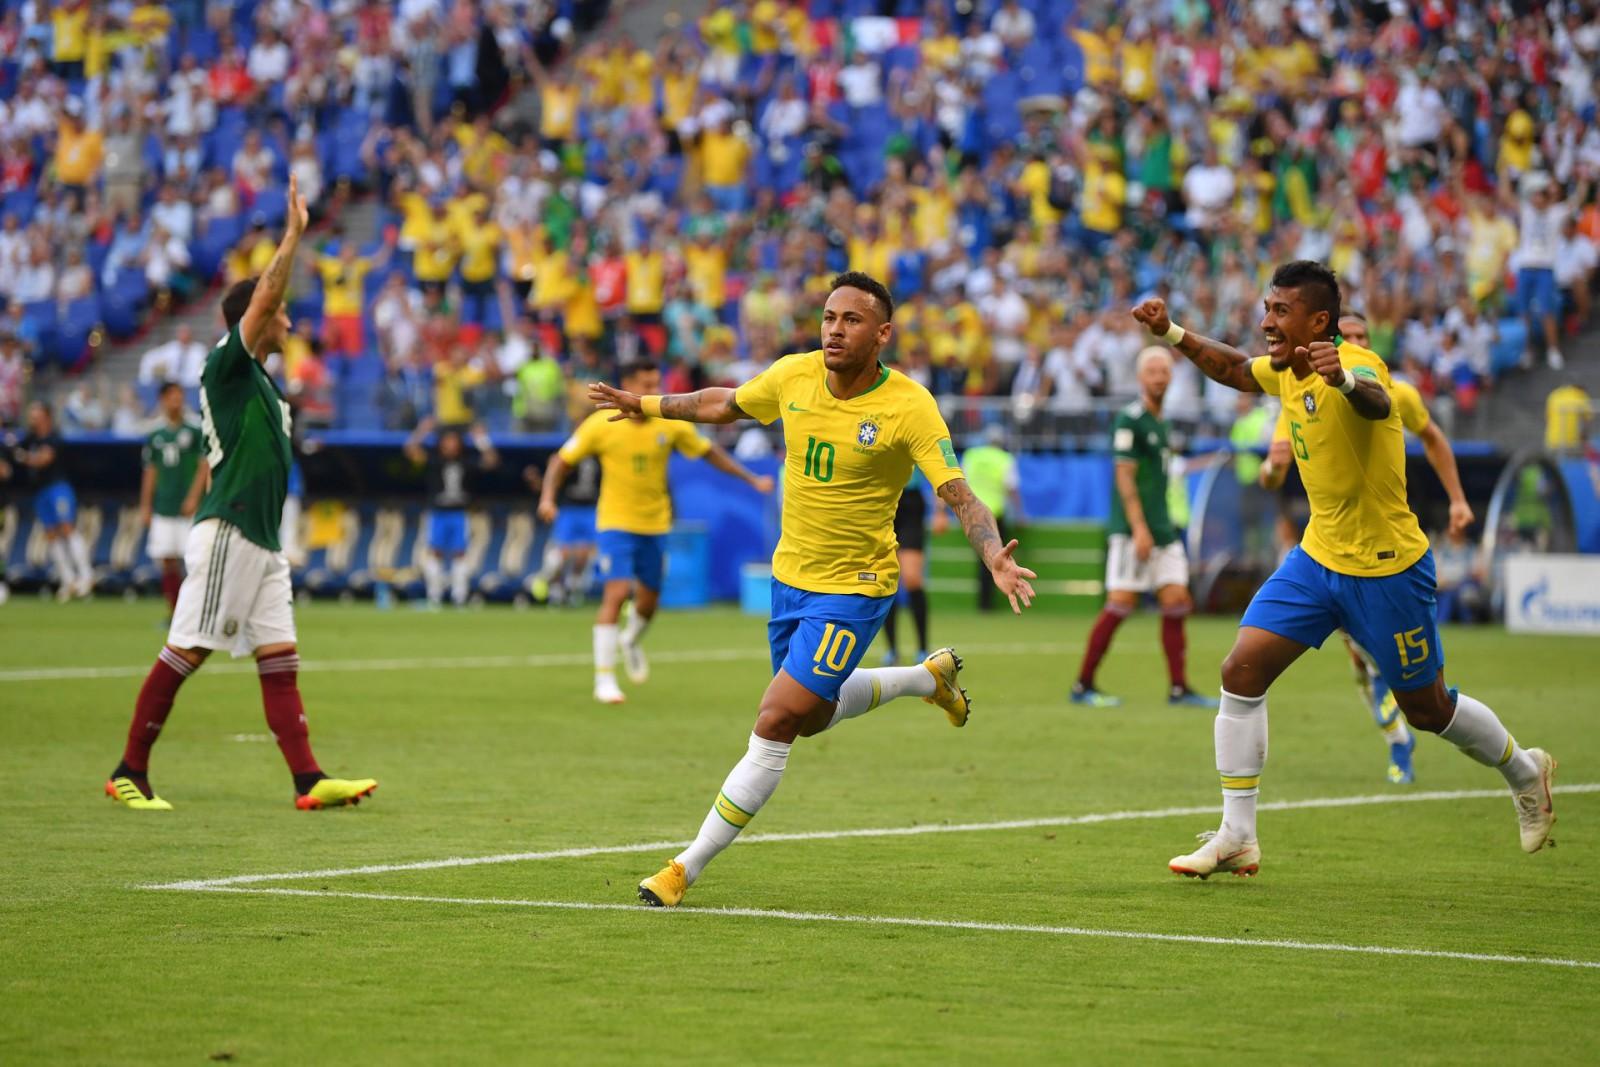 Brazilia 2-0 Mexic: Neymar a fost omul meciului pentru Selecao, echipă calificată în sferturile Campionatului Mondial